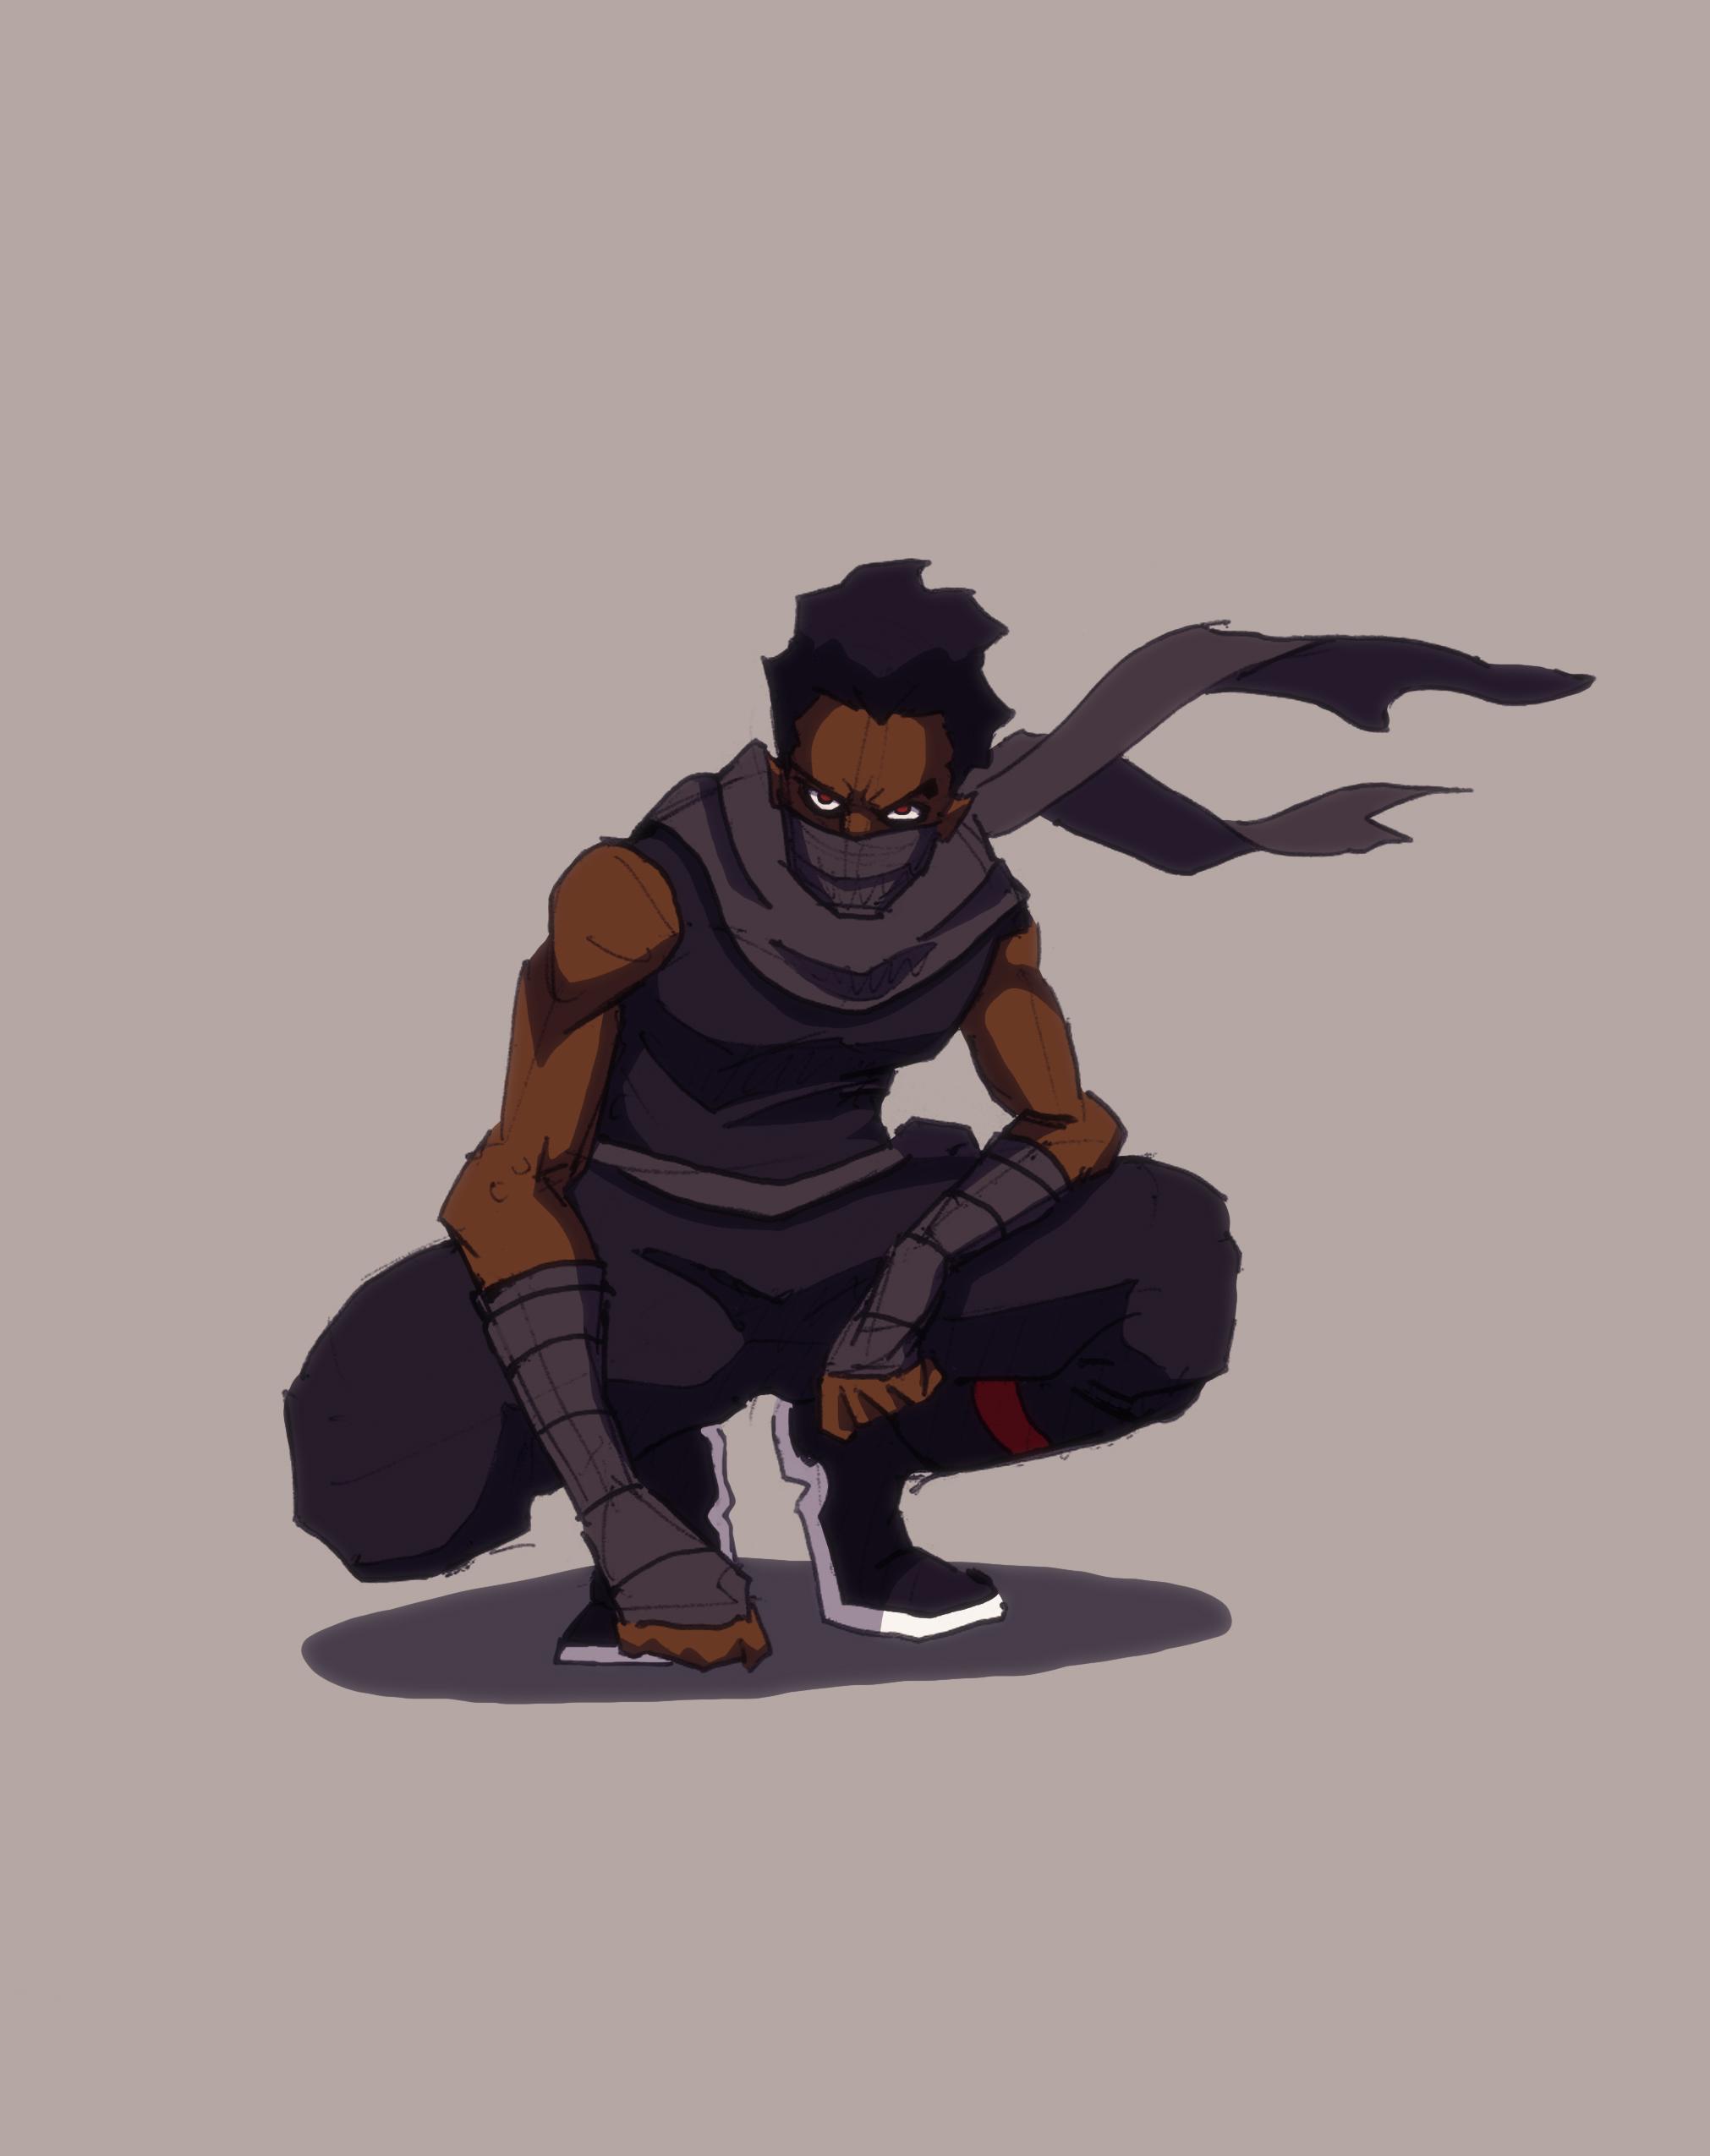 The Storm Riyder